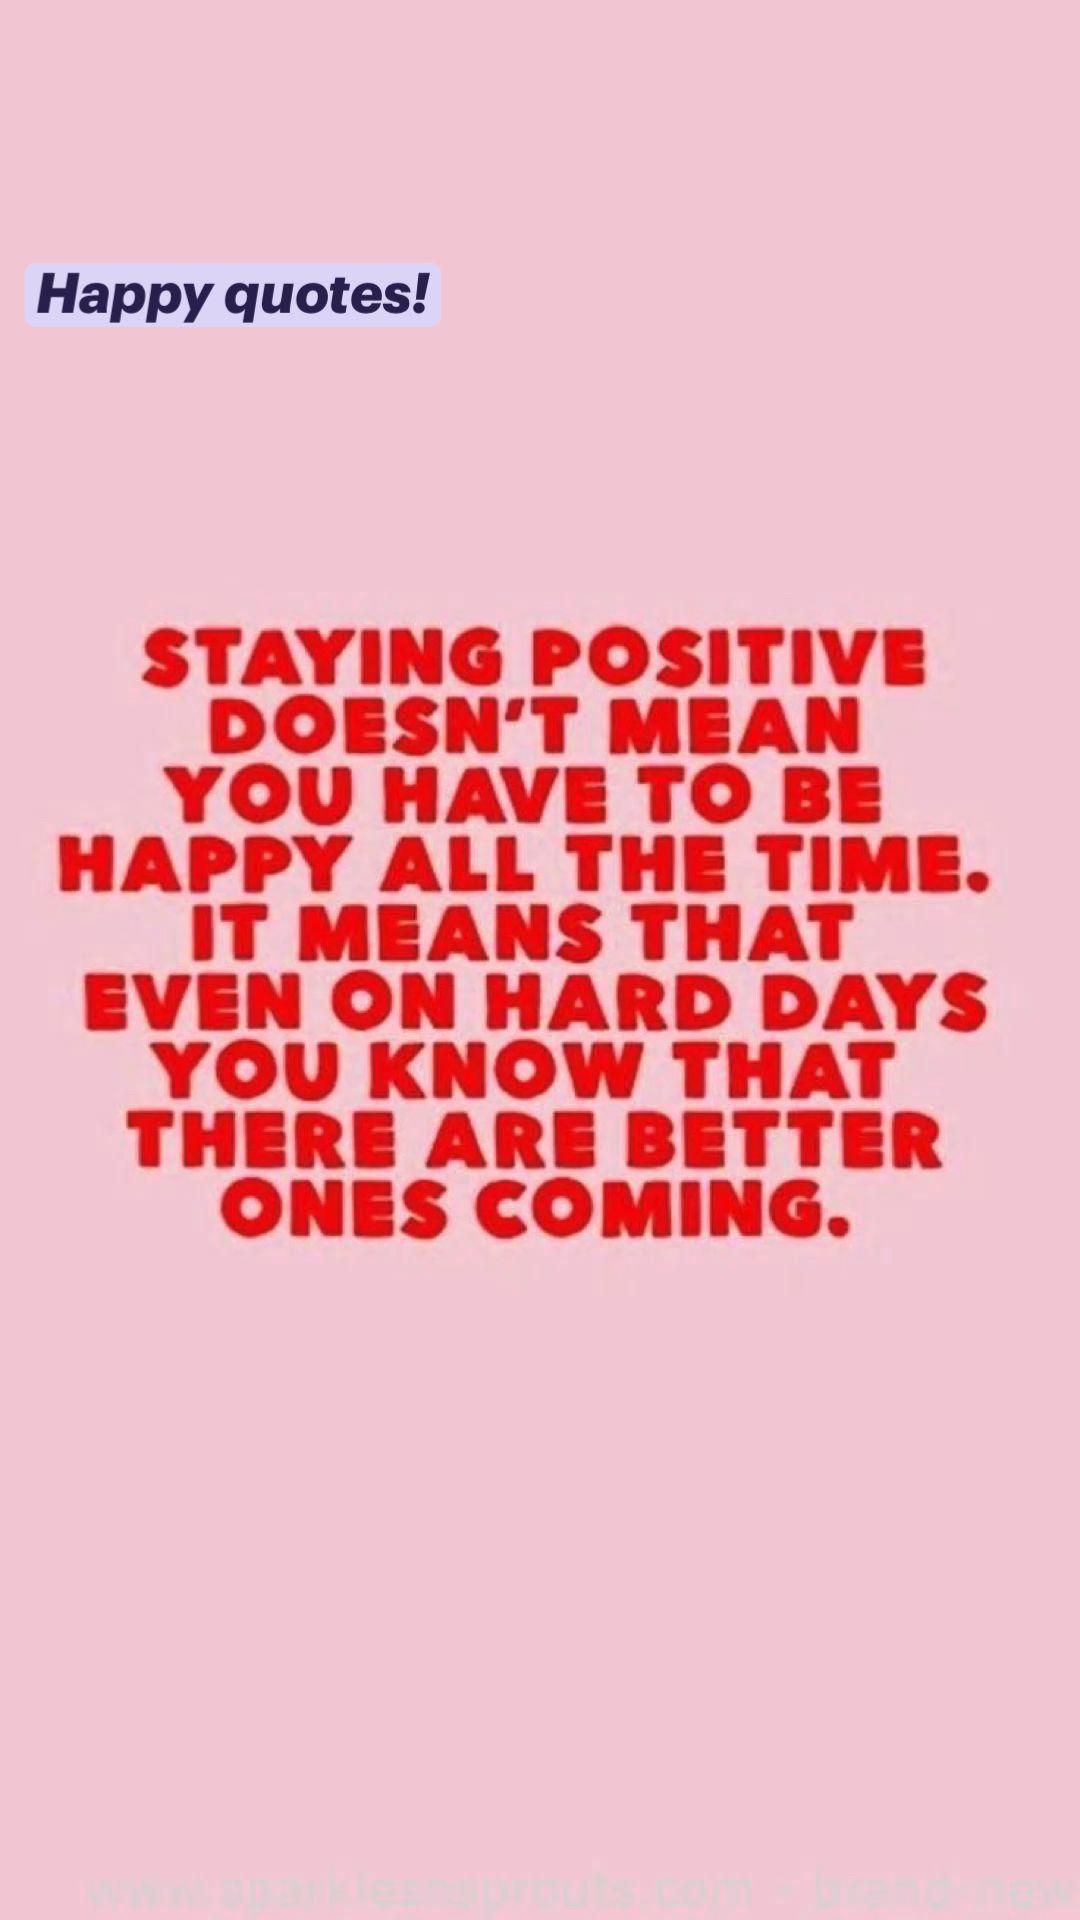 Happy quotes!